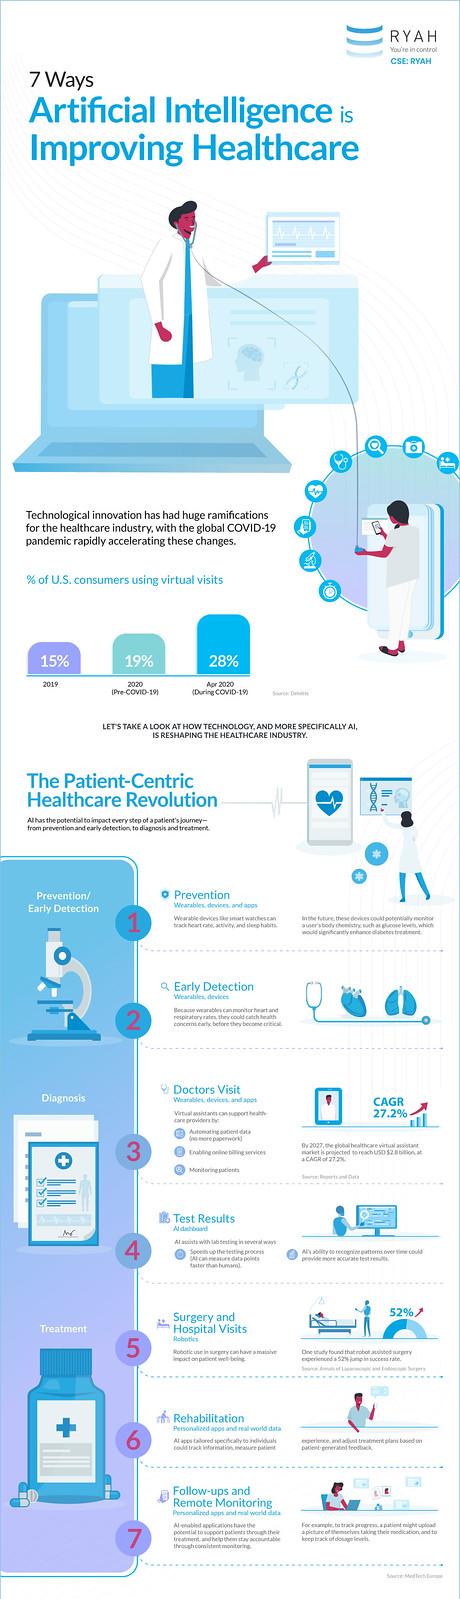 Inteligencia artificial mejorando la atención médica